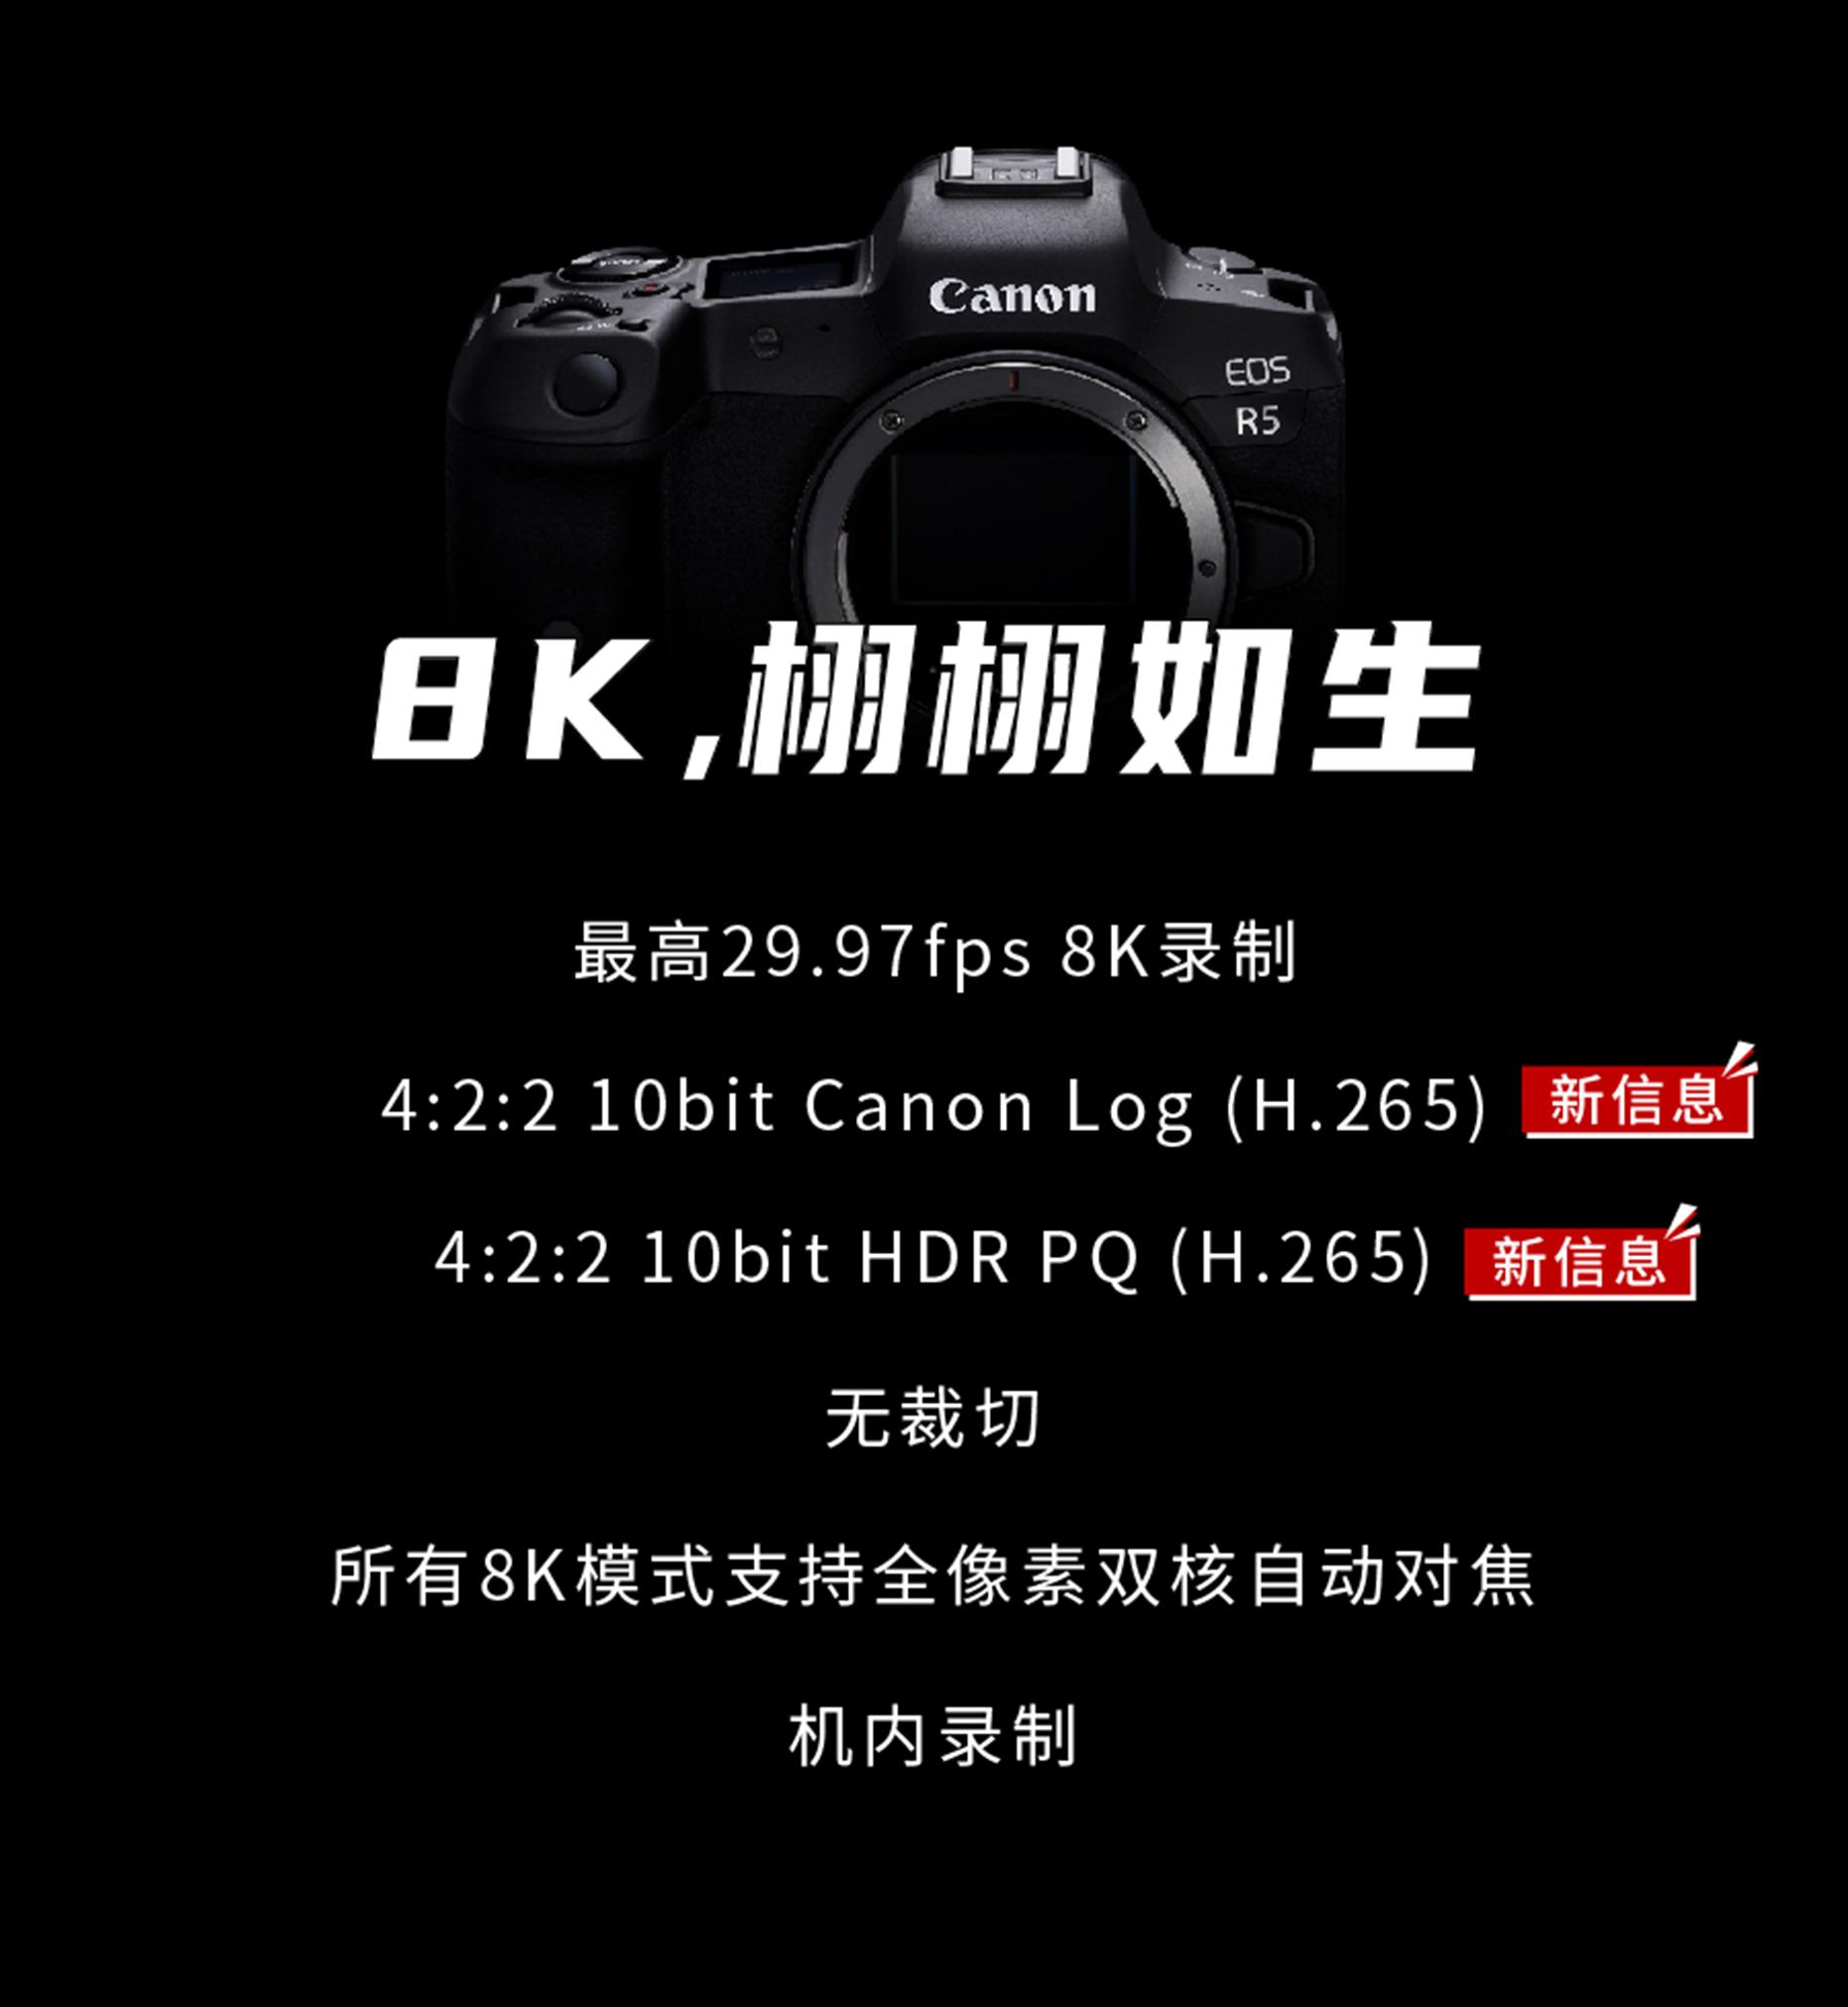 支持8K 4:2:2 10bit内录 佳能EOS R5视频酞霸道